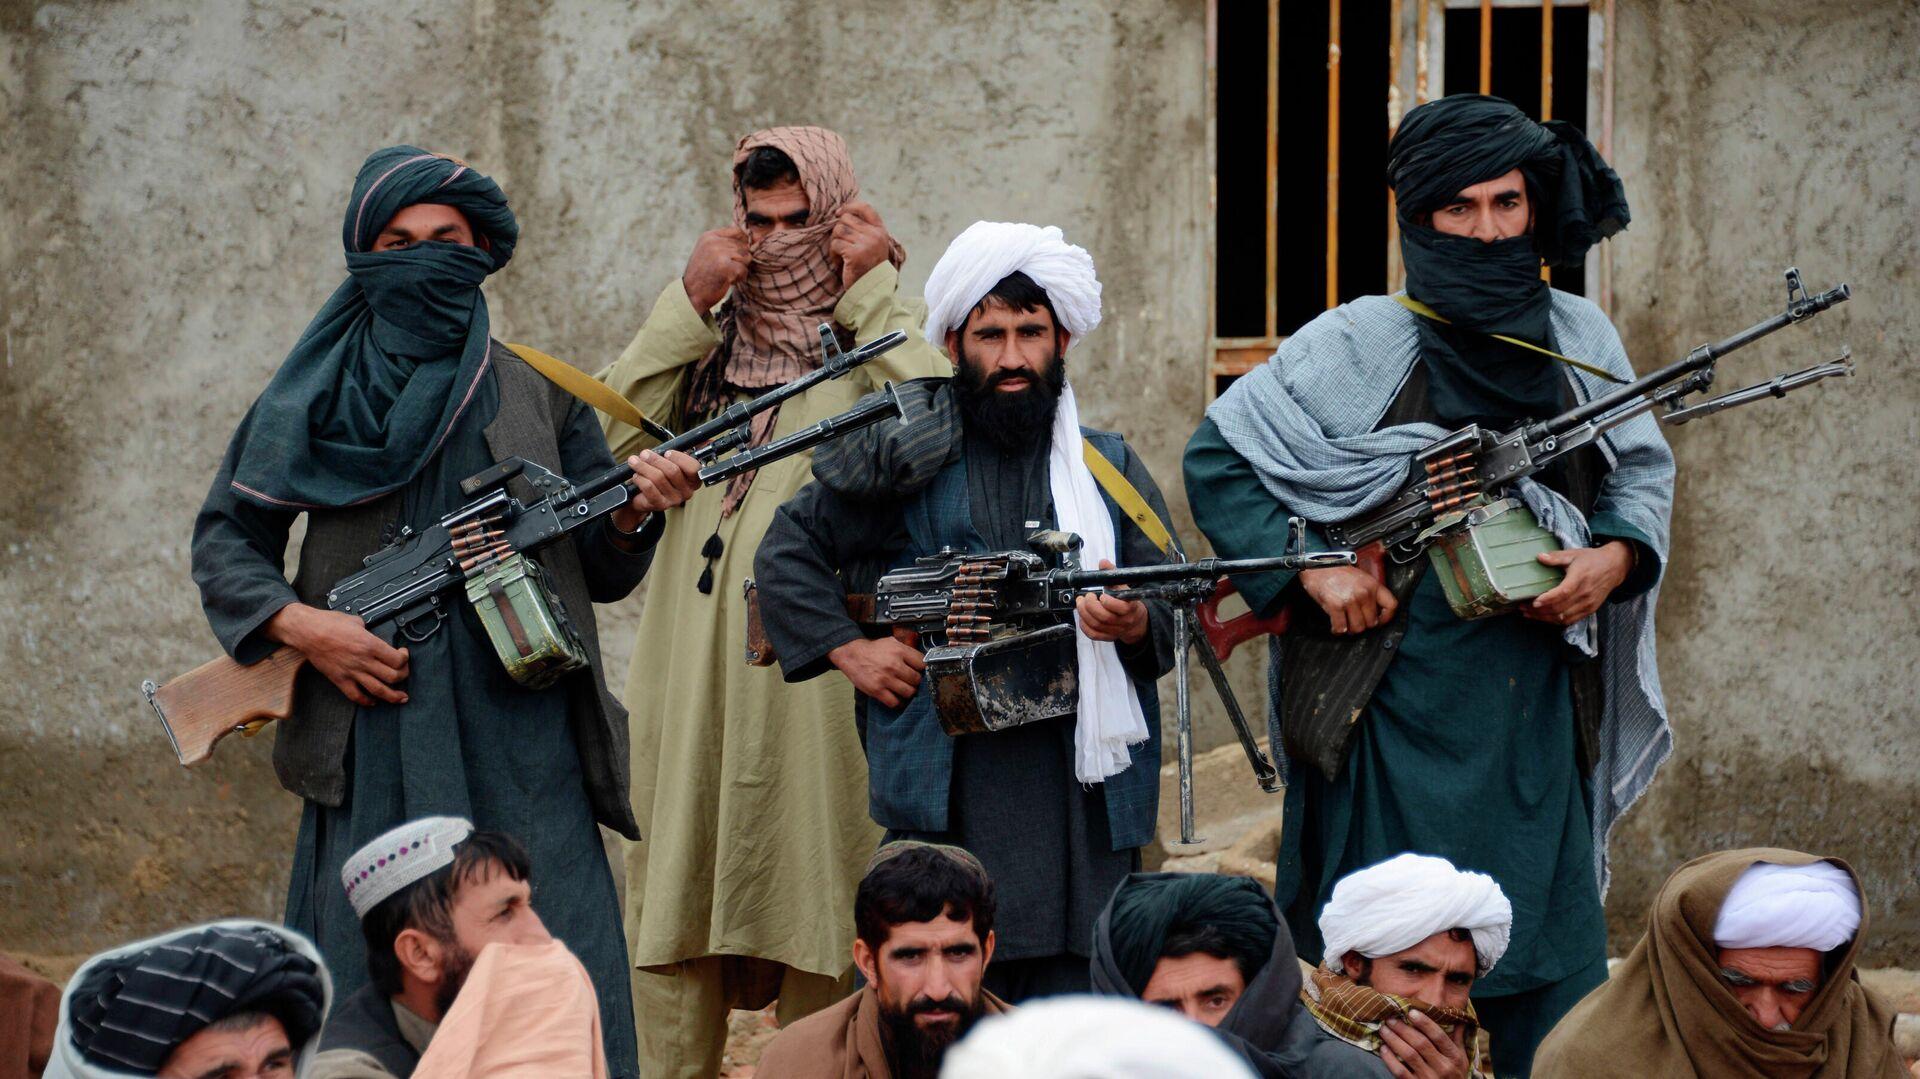 Боевики радикального движения Талибан в Афганистане - РИА Новости, 1920, 10.09.2020